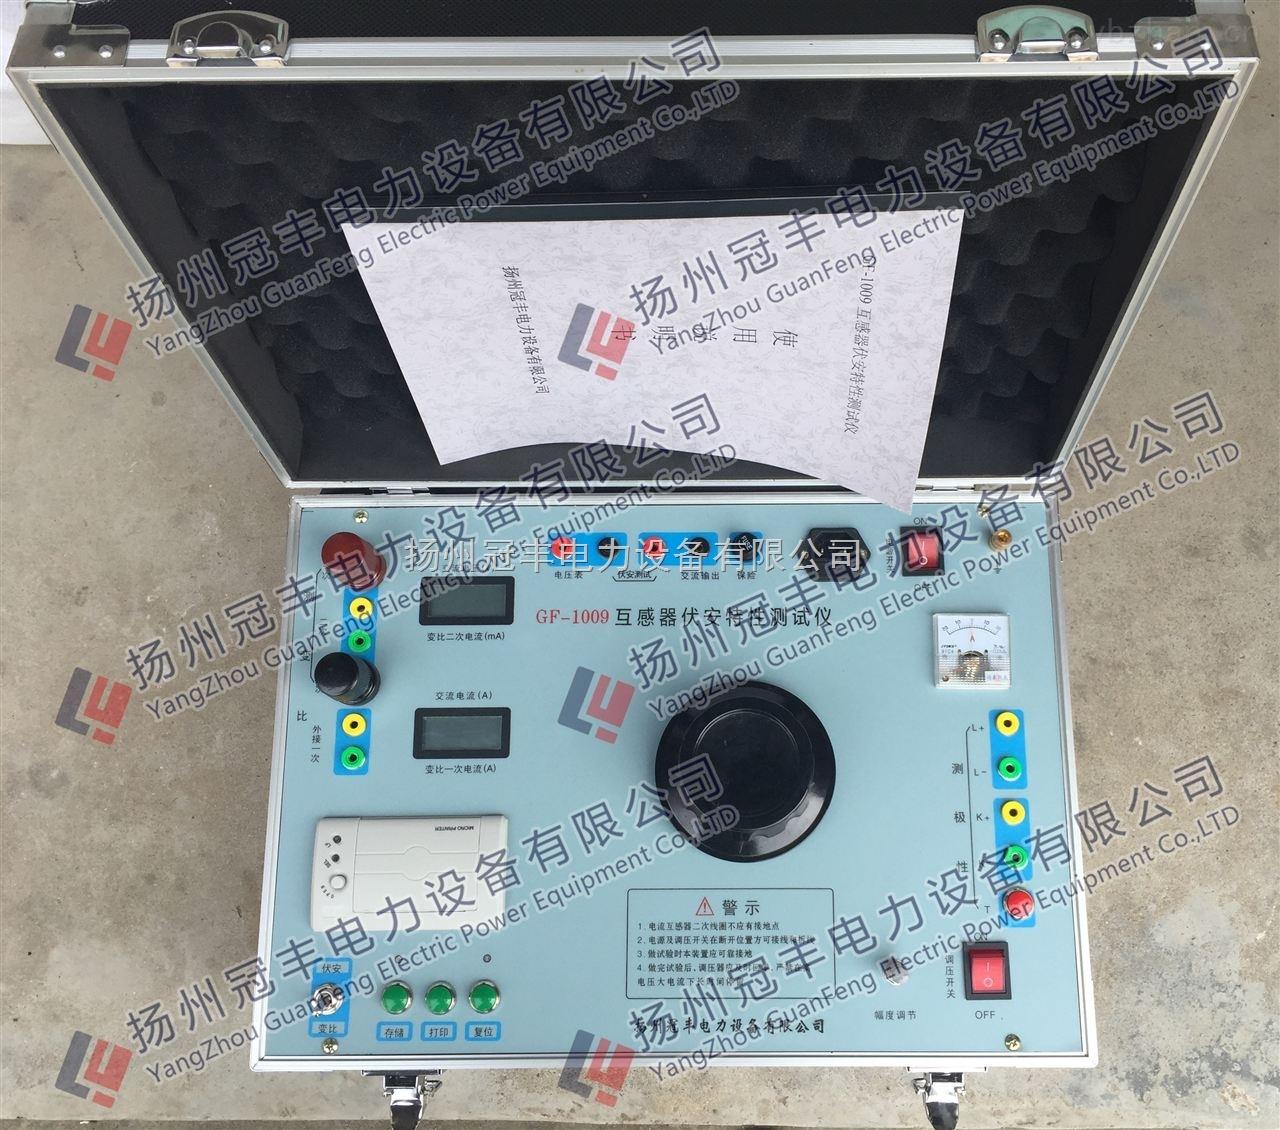 GF-1009系列智能型电压互感器校验仪